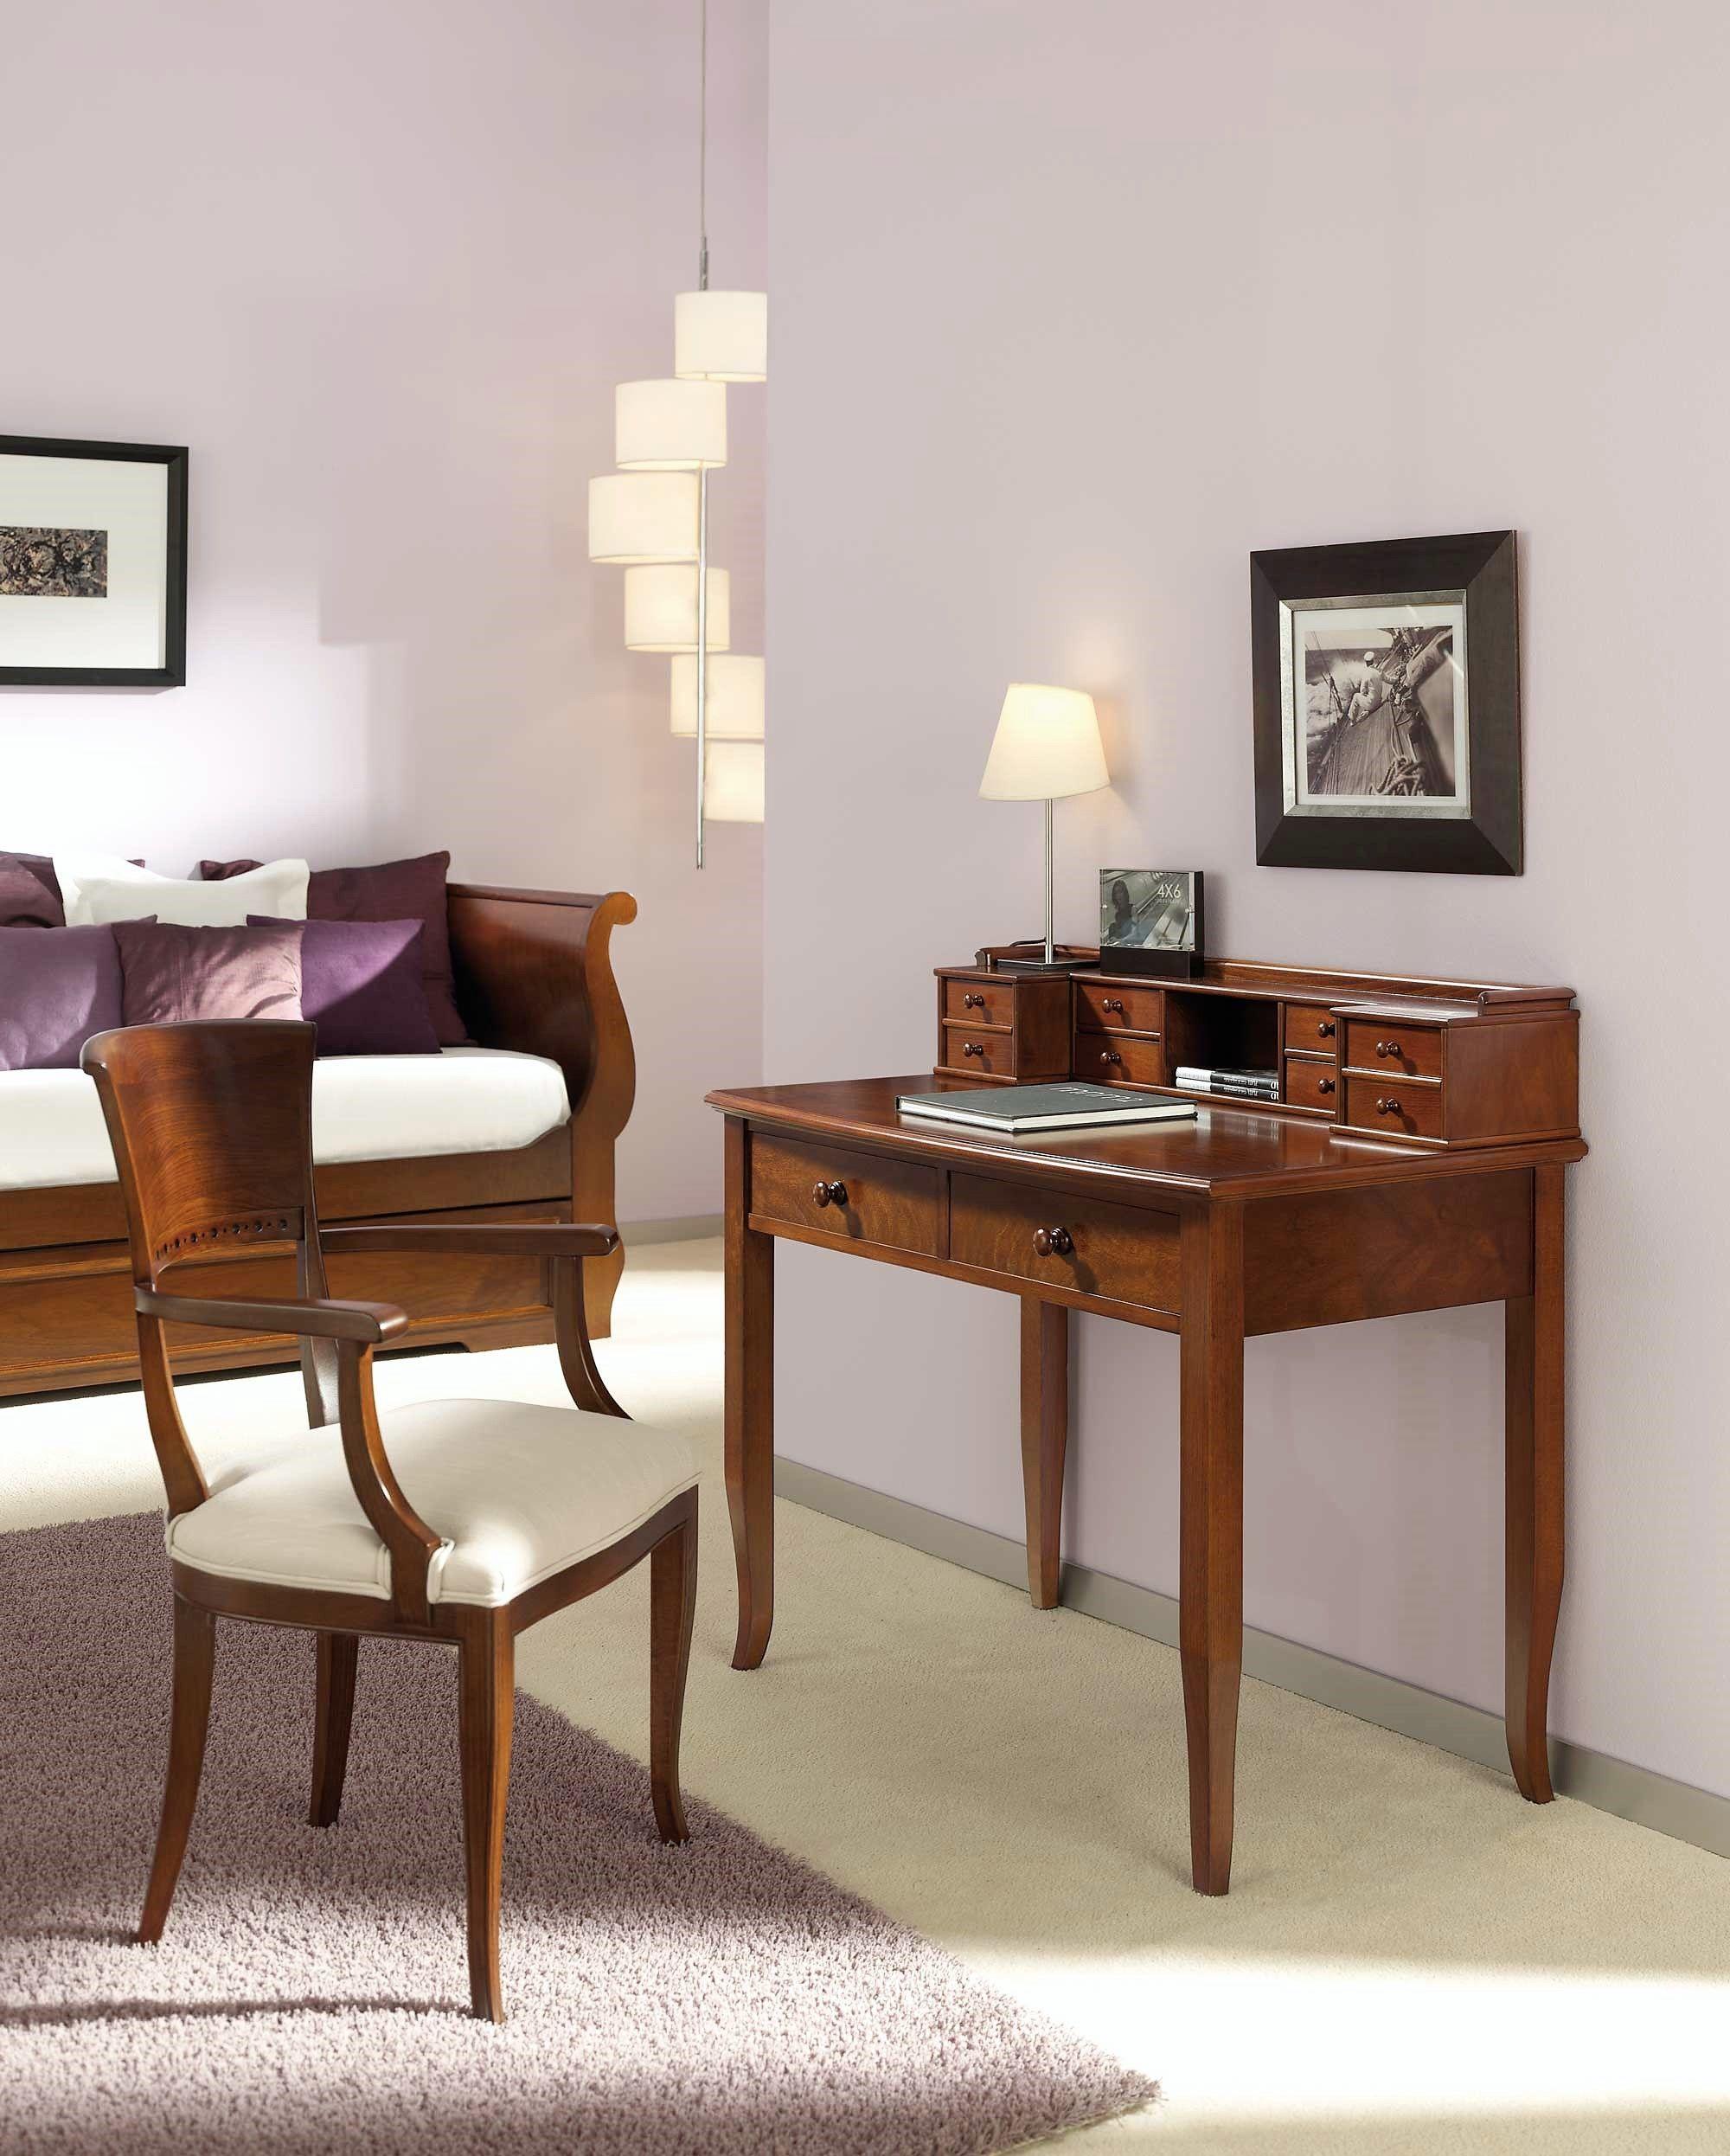 Escritorio cl sico vistoriano con dos cajones y en nogal for Muebles escritorios clasicos